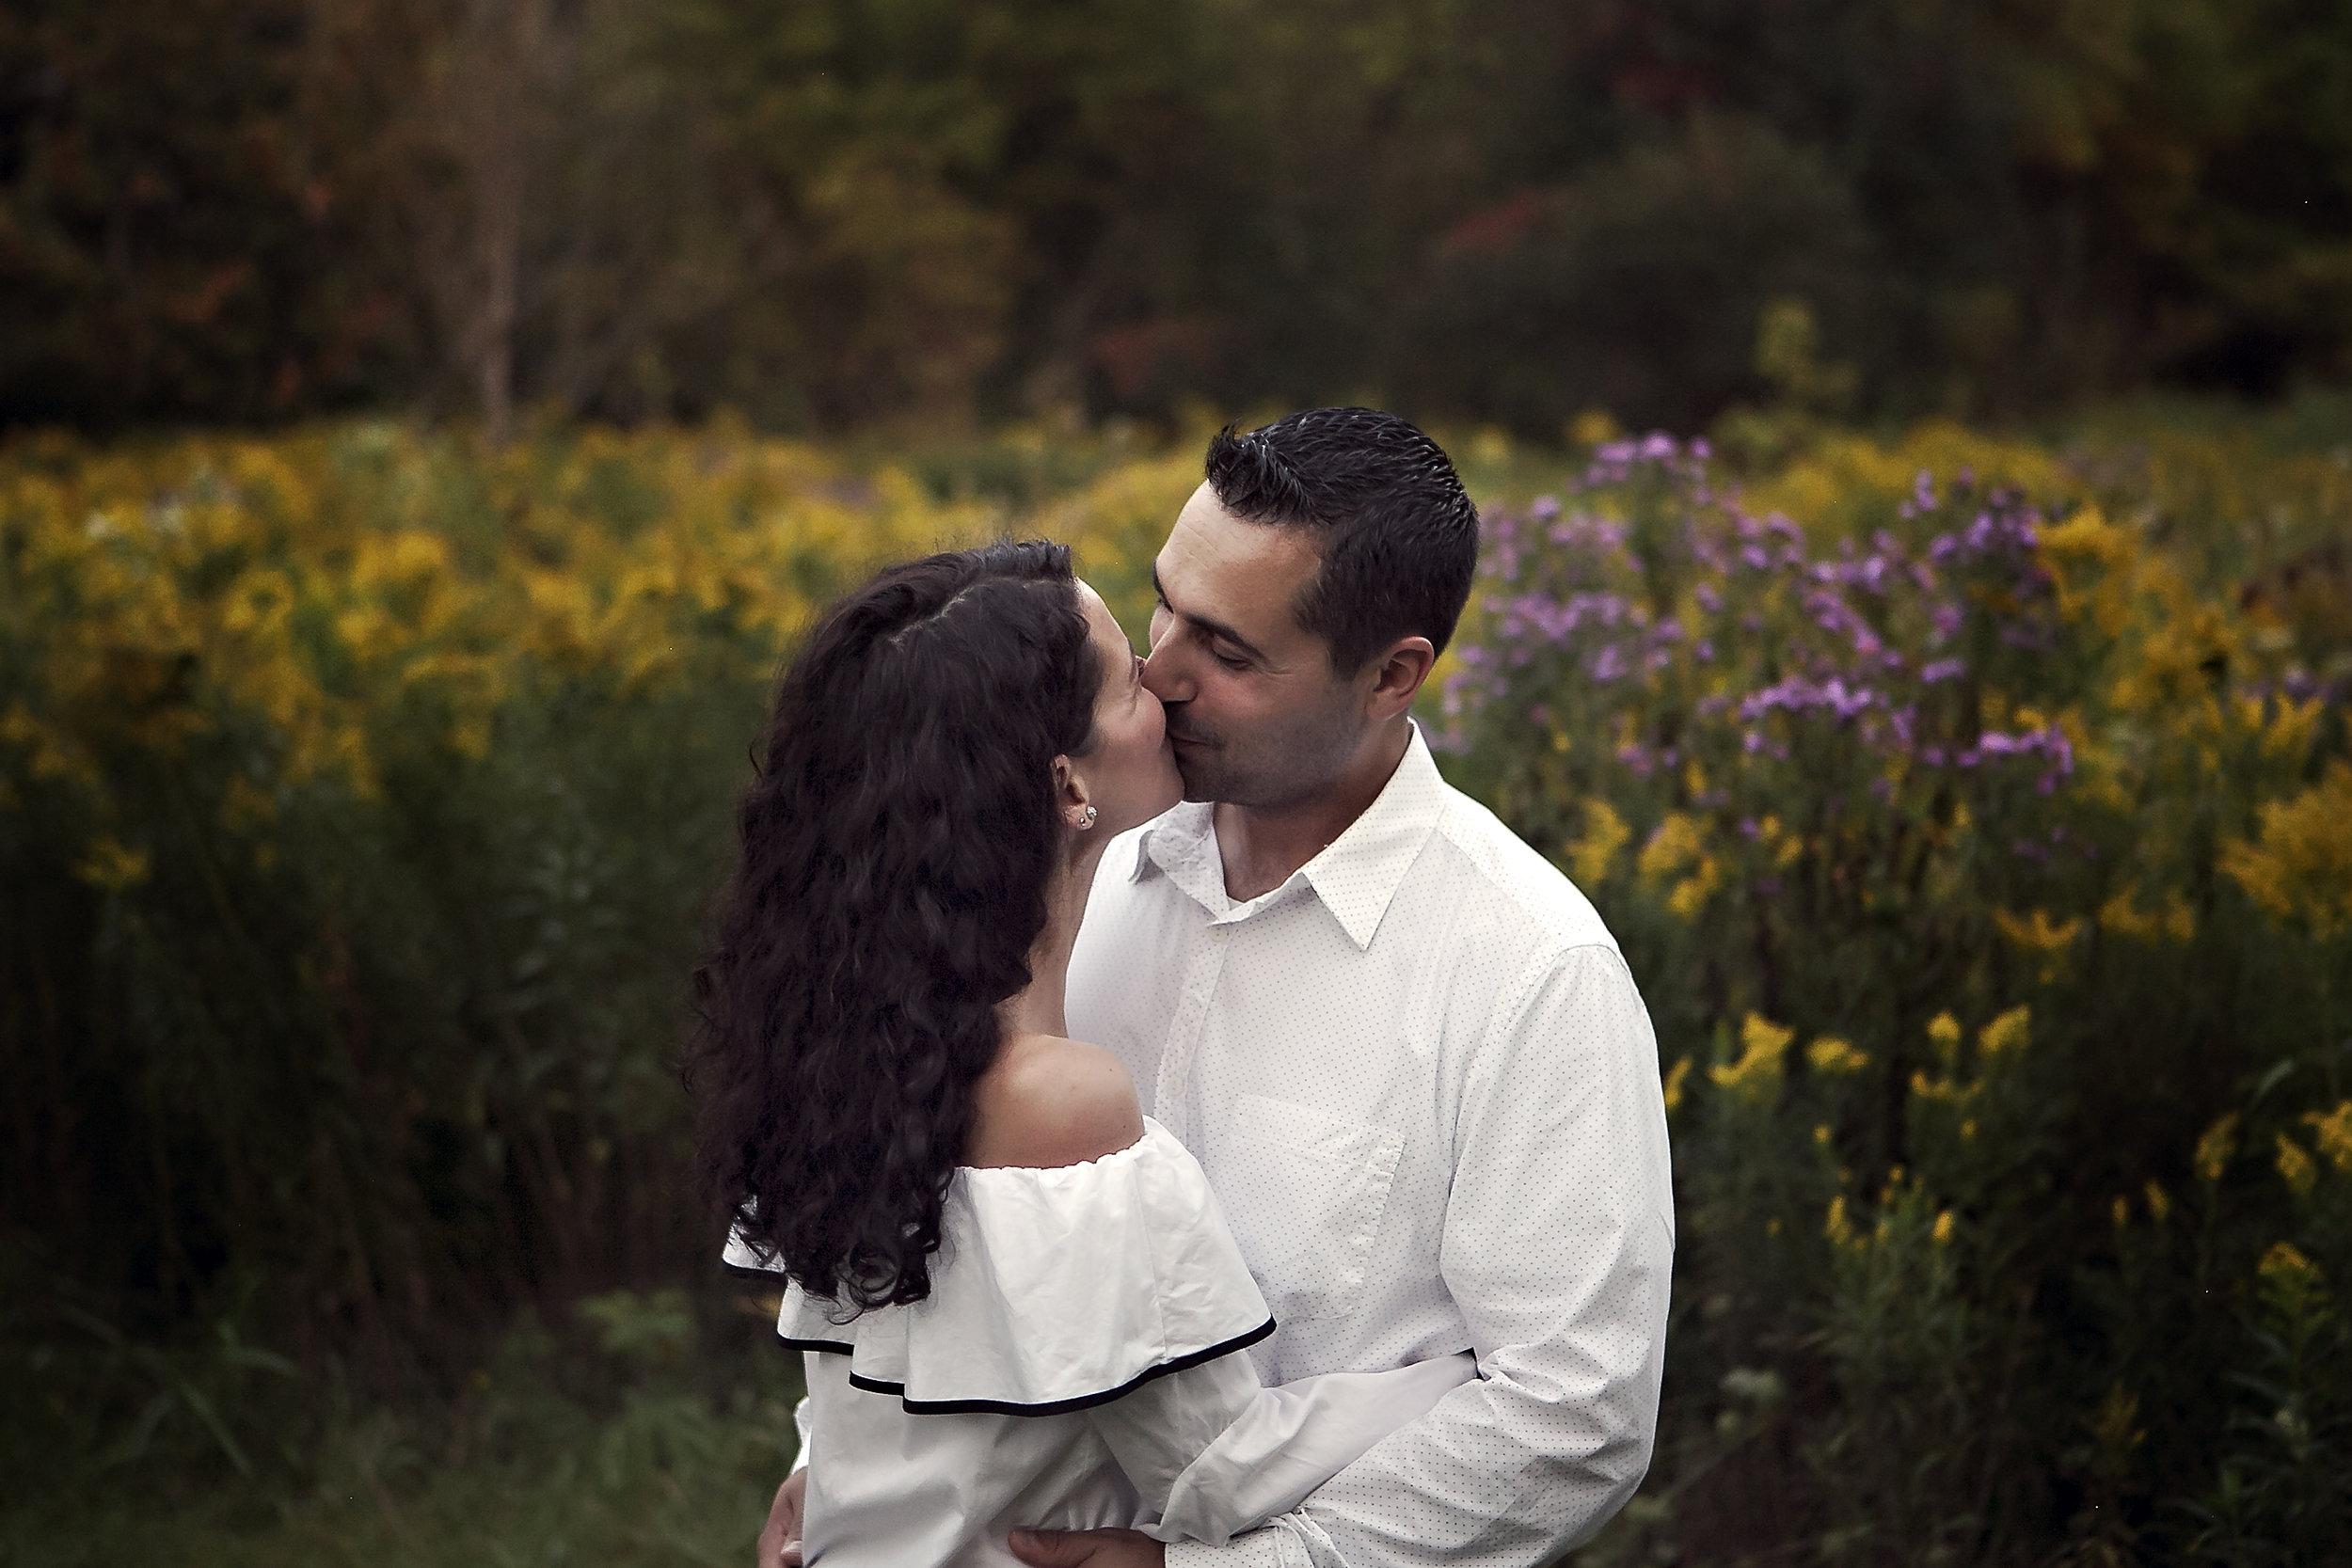 Oshawa_Engagement_Portrait_Photographer_Petra_King_Photography